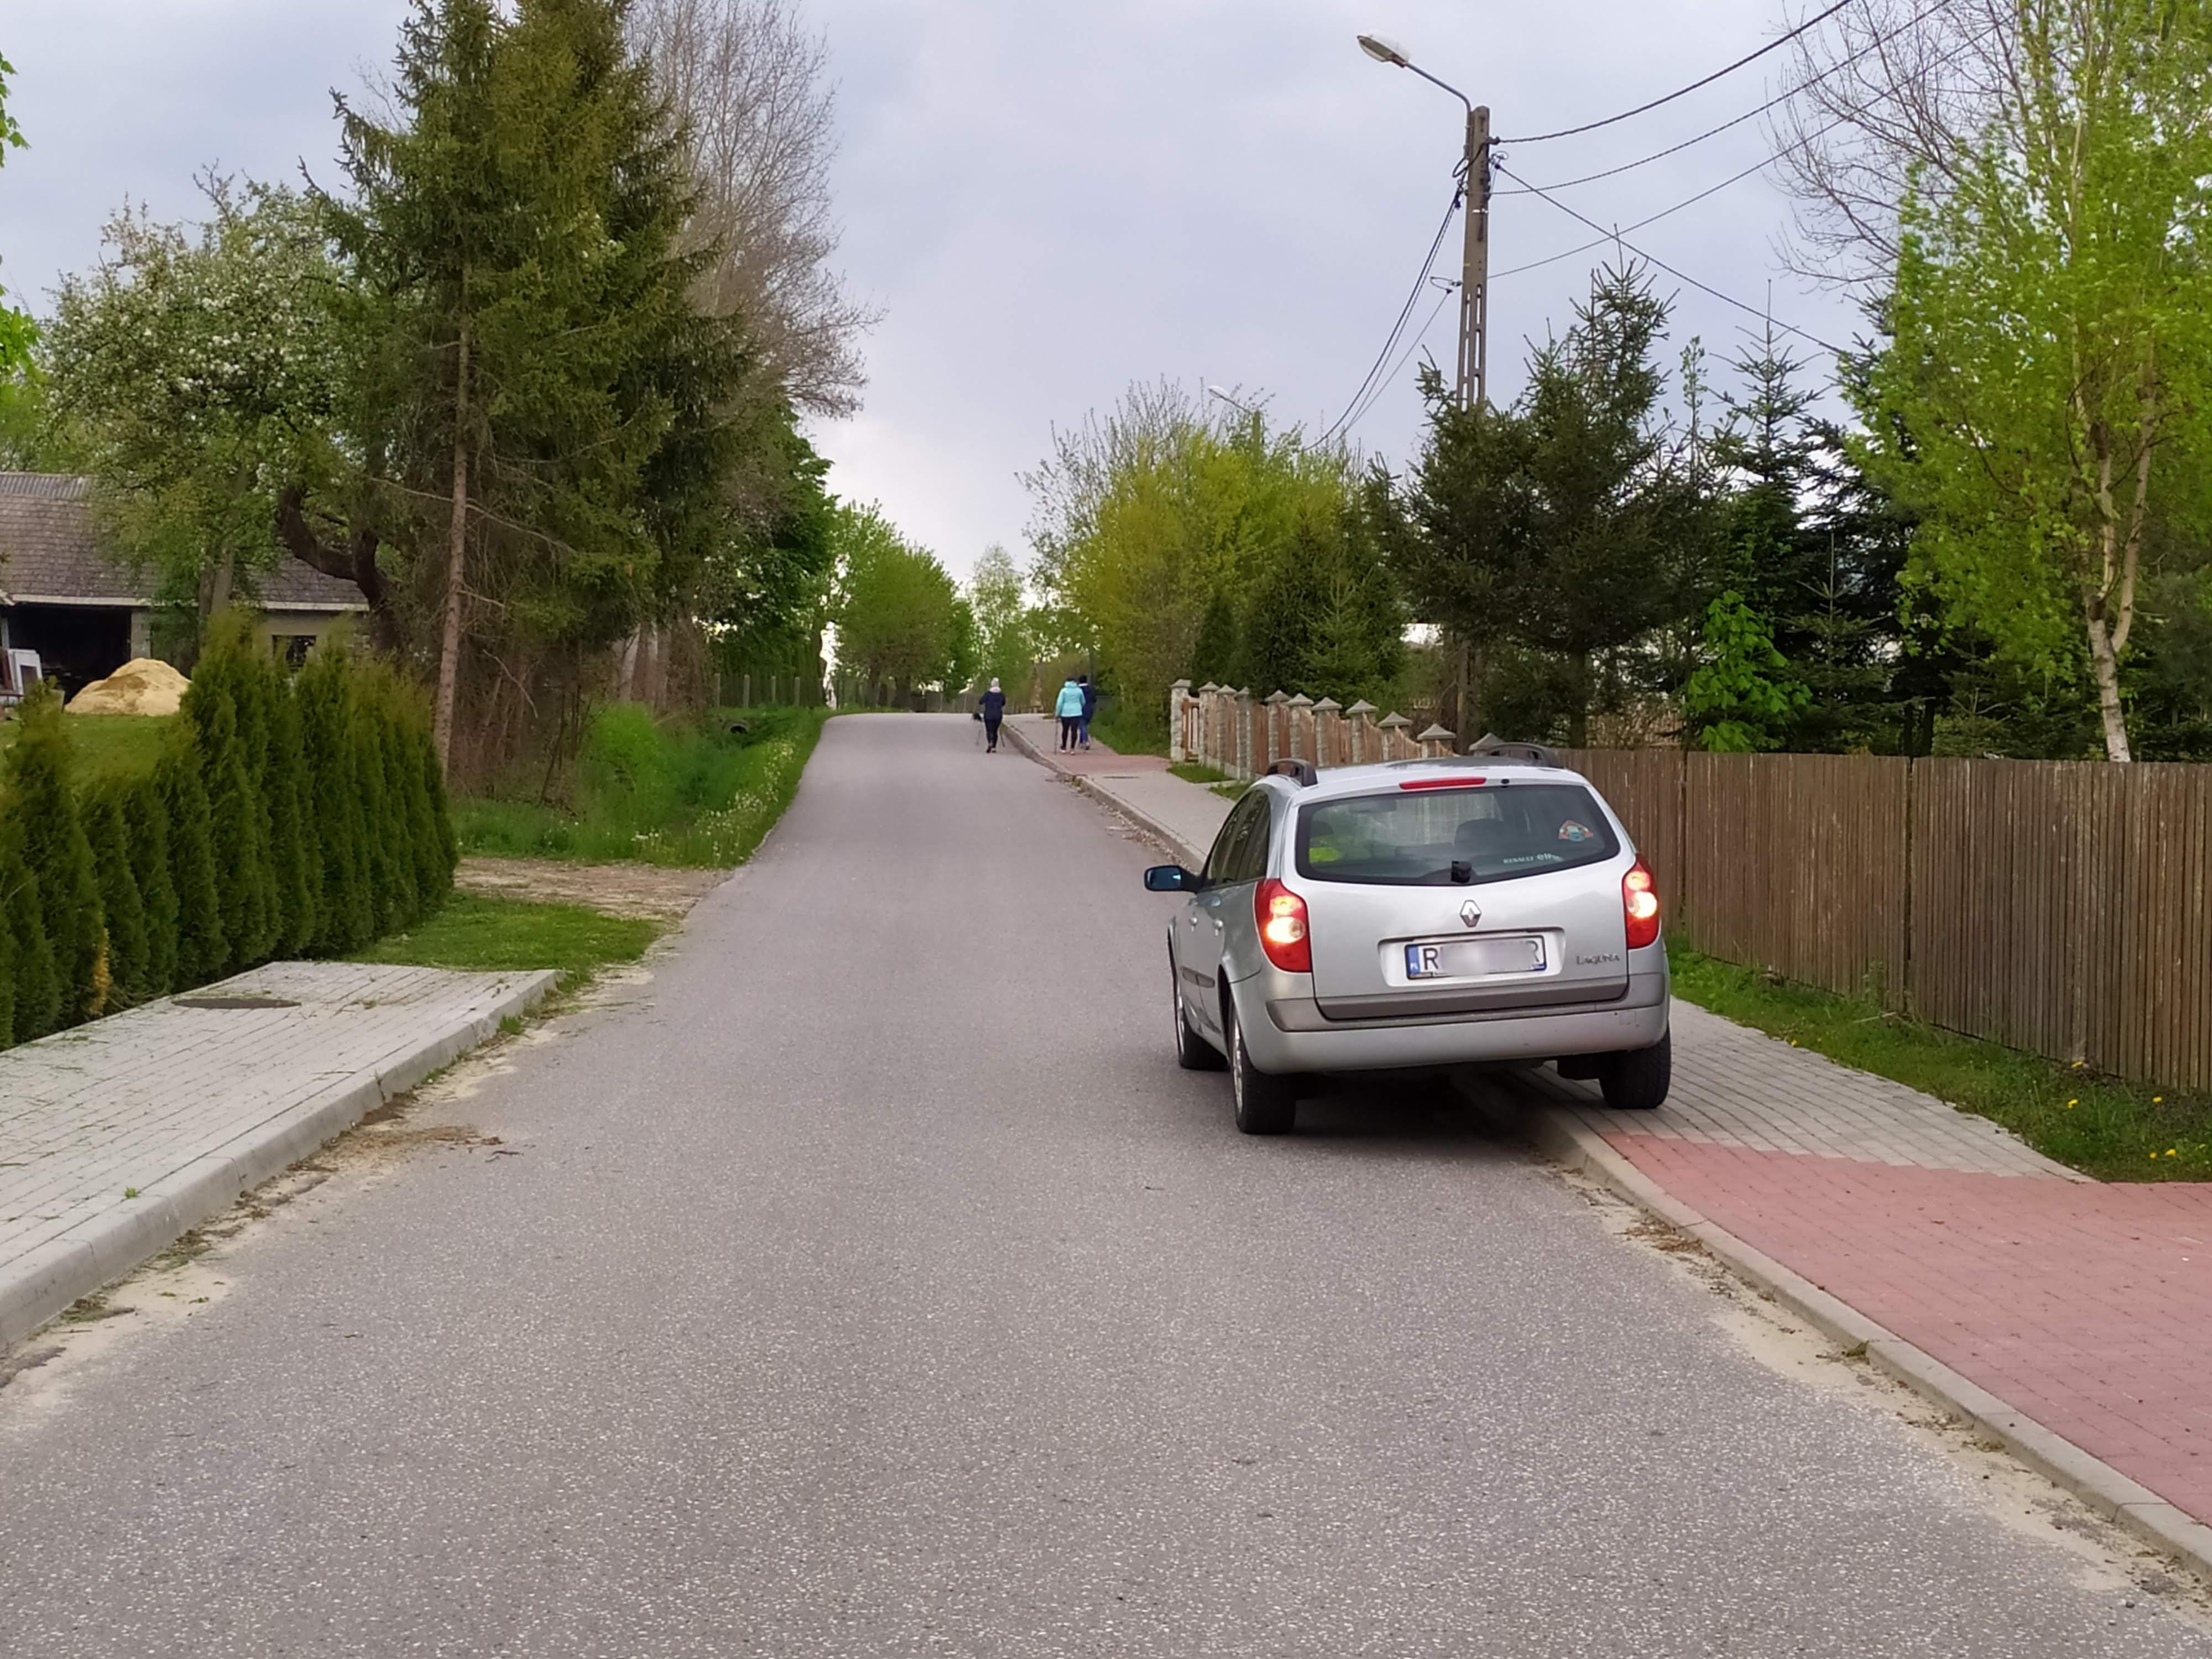 Kolejny problem z chodnikiem. Co na to wójt?  - Zdjęcie główne